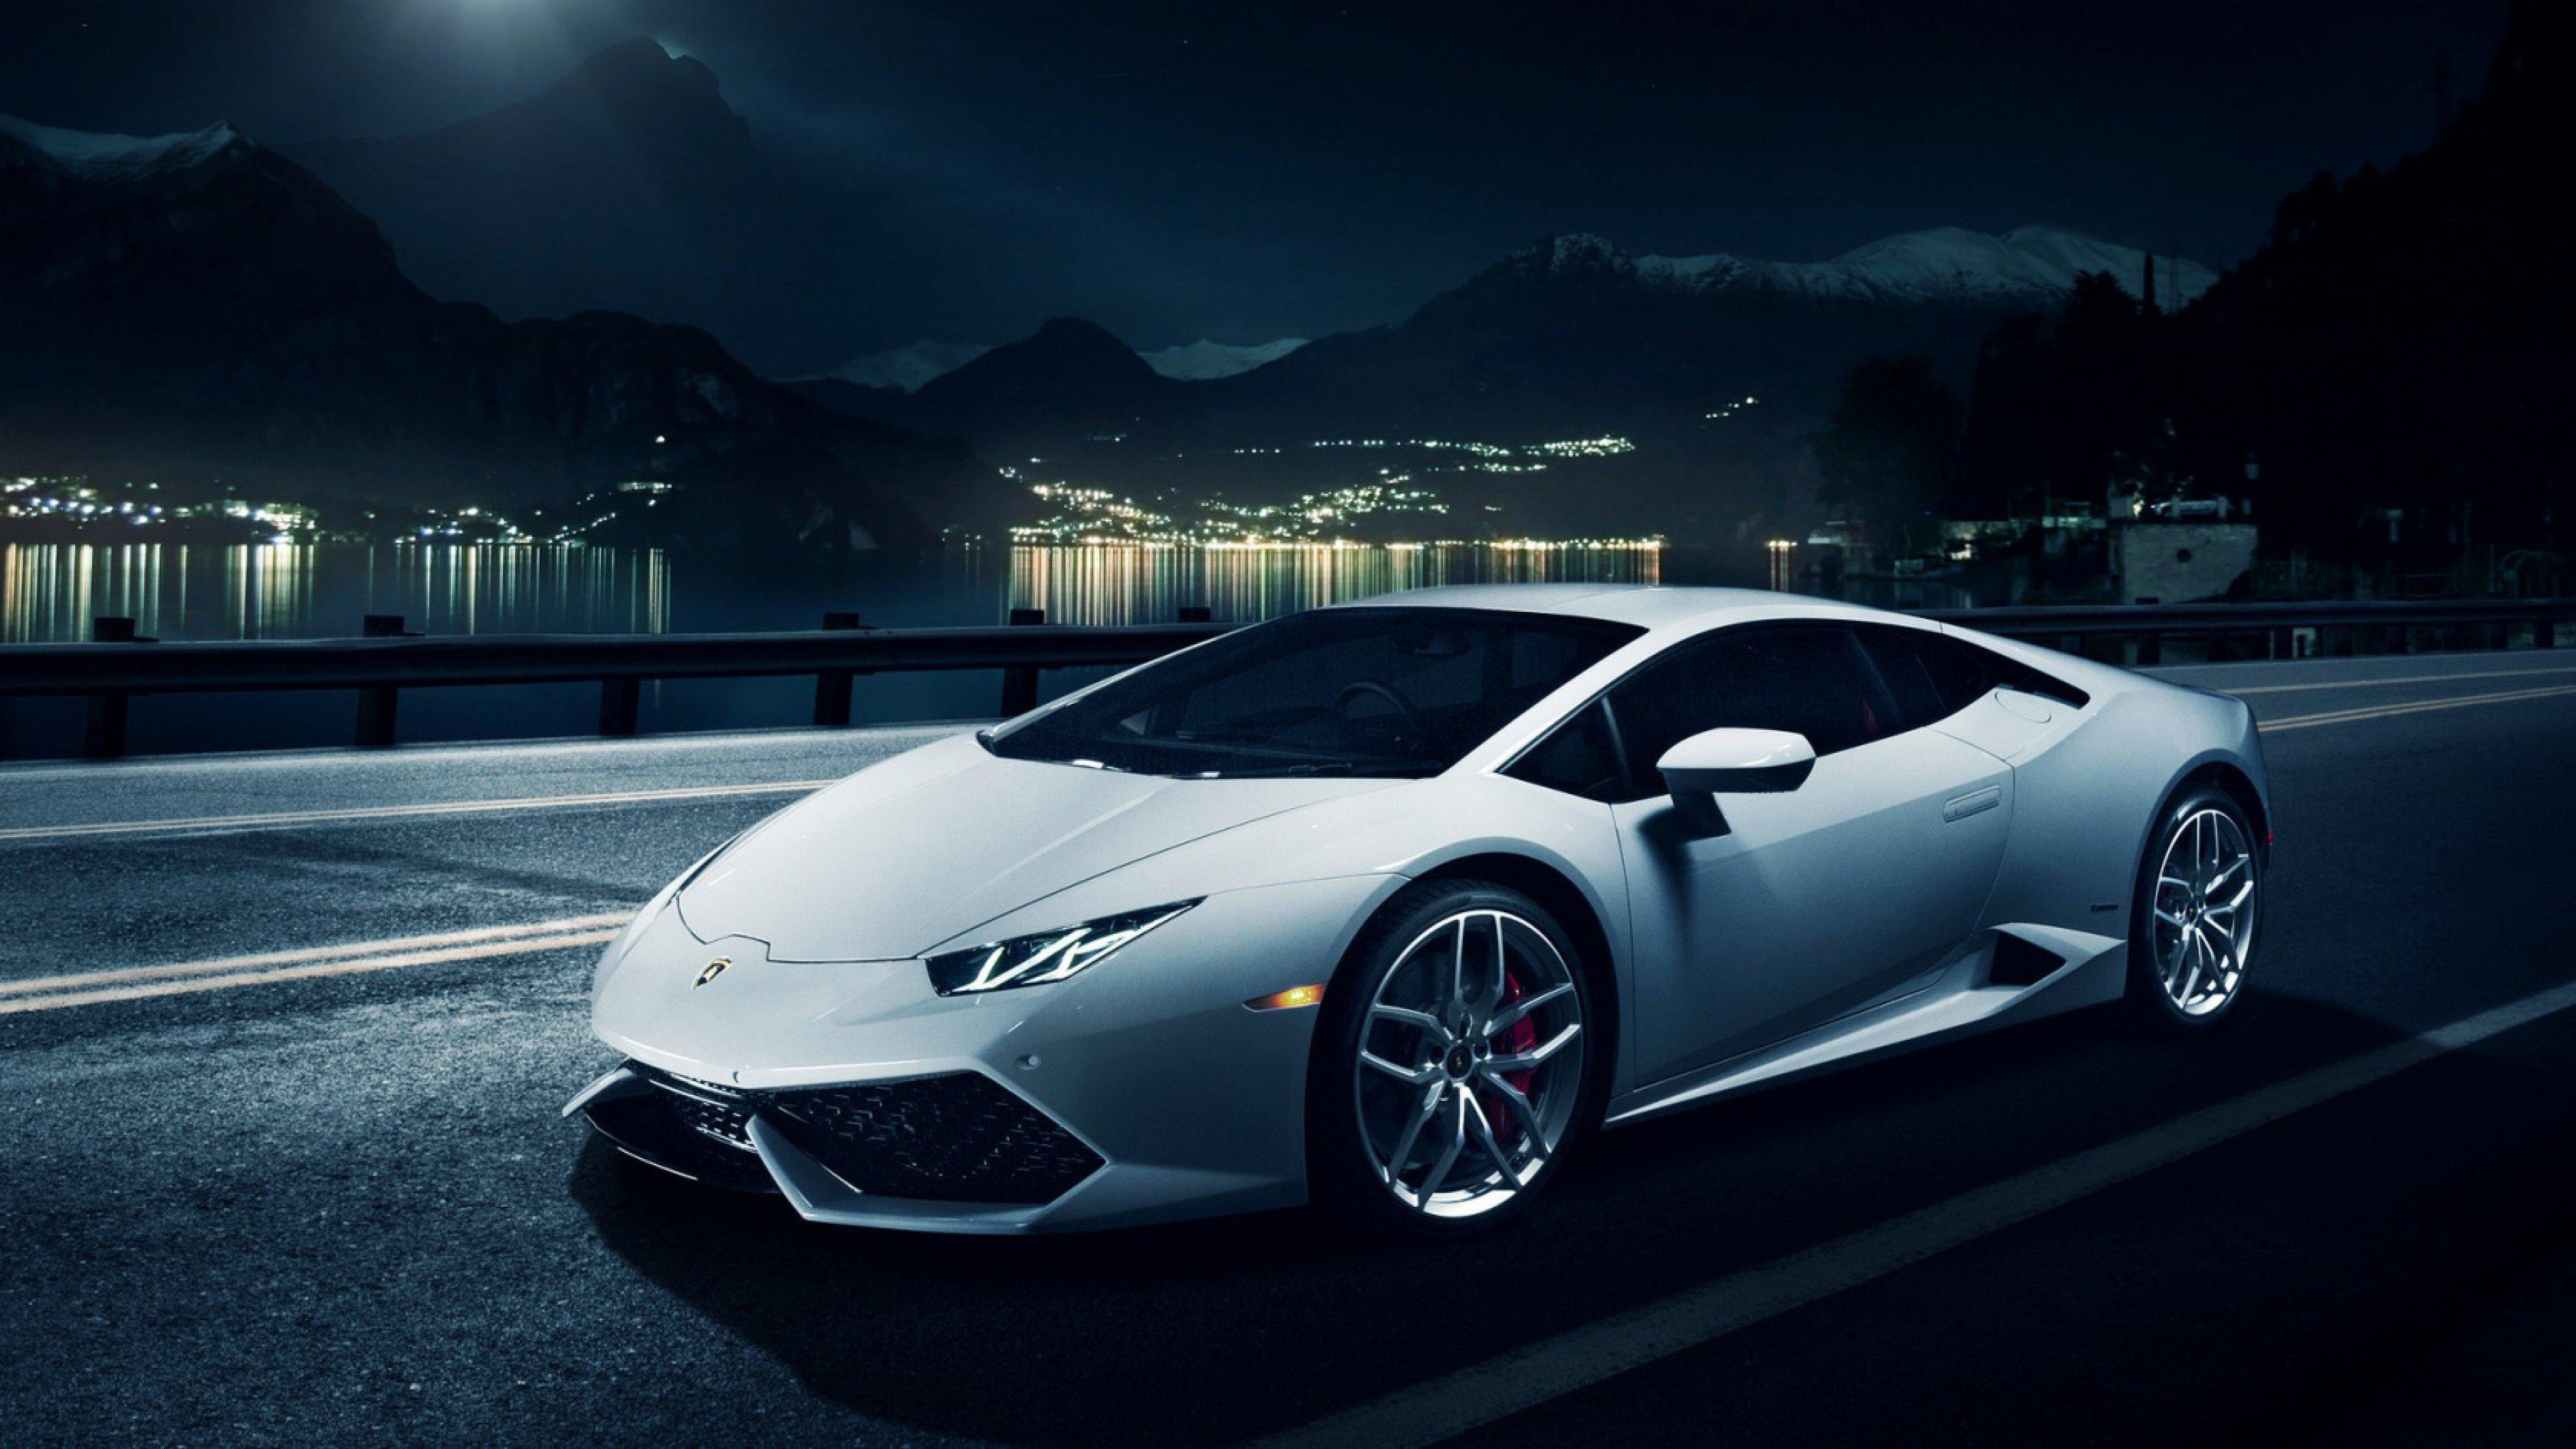 Lamborghini Huracan Hd Wallpaper 422745 Hd Wallpaper